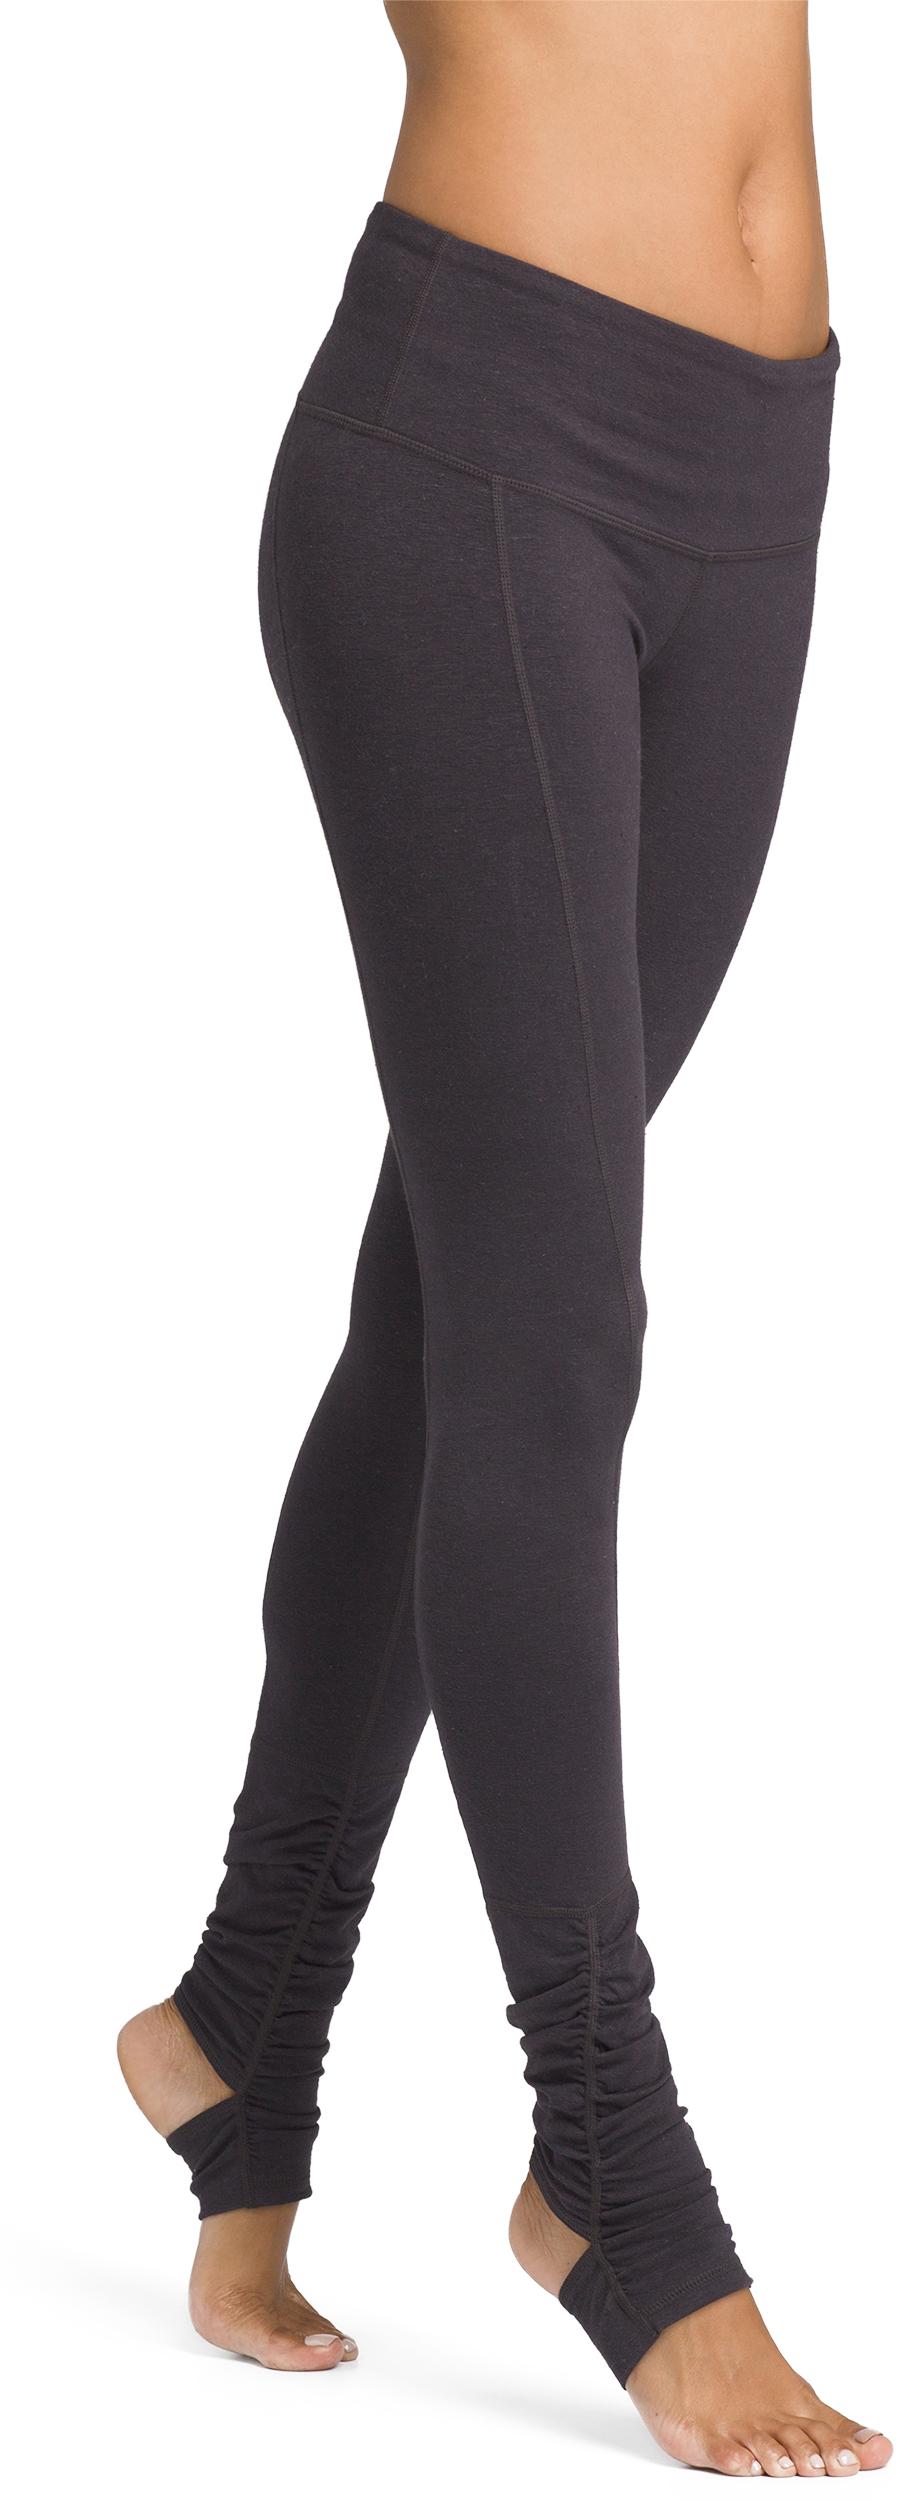 73f82781e2c036 Leggings and tights | MEC